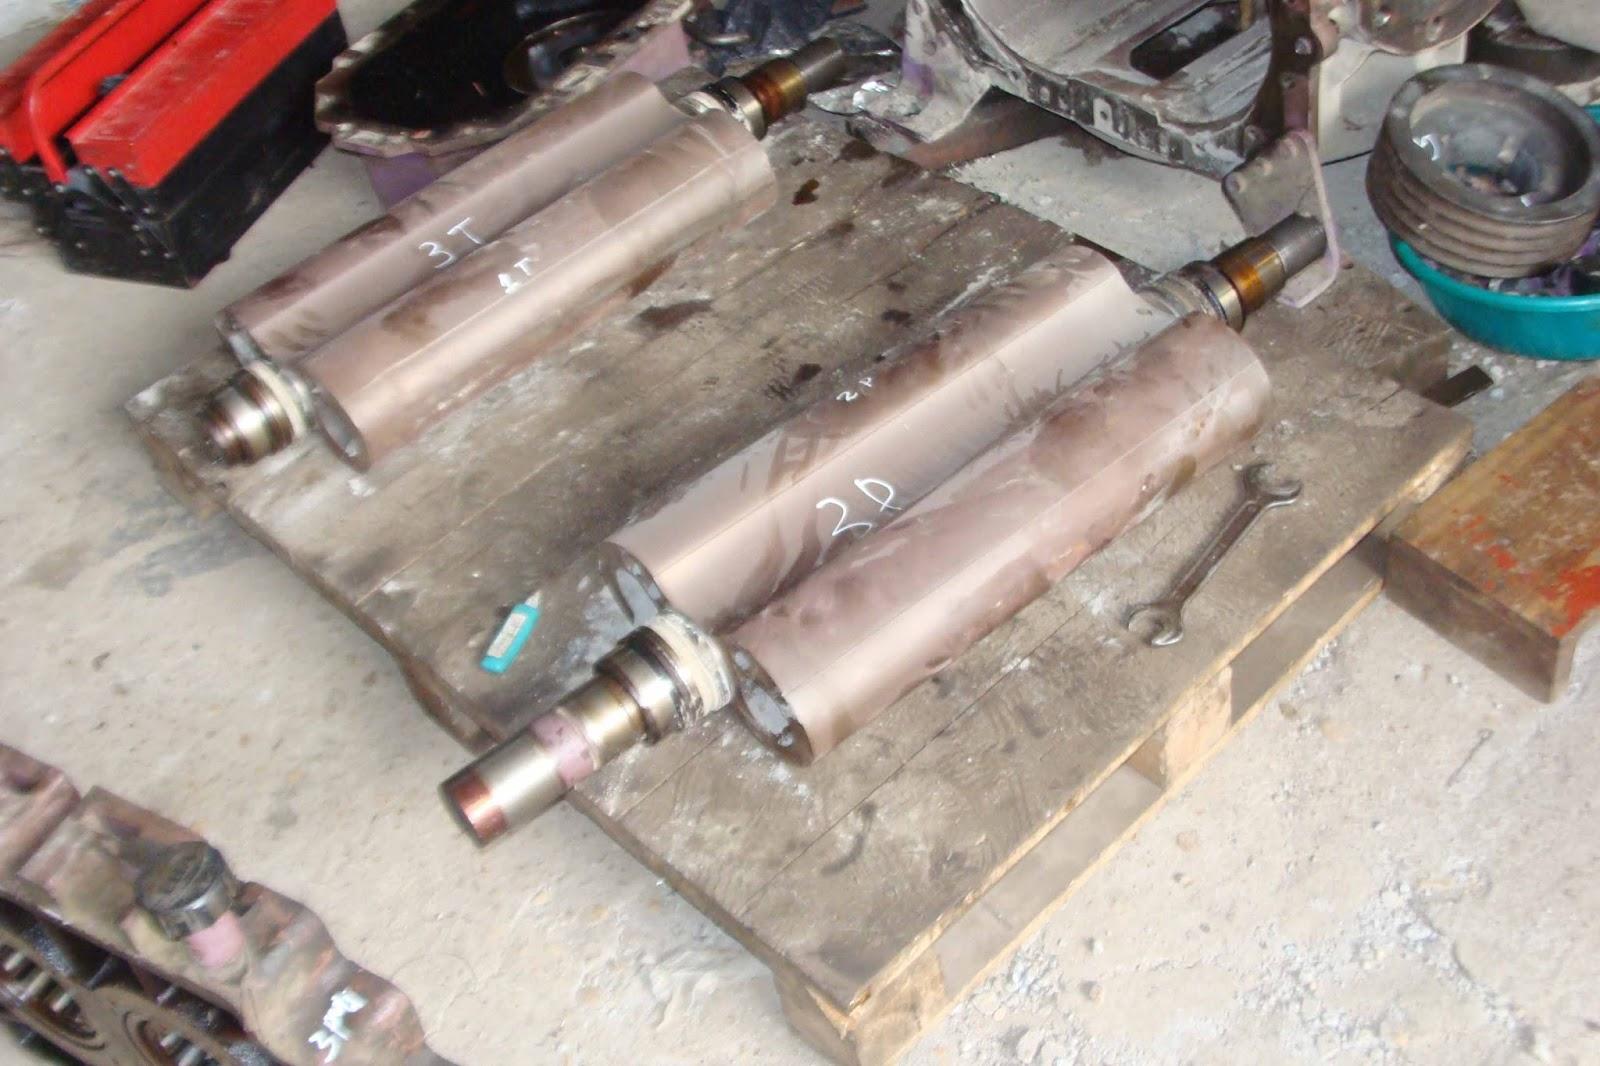 máy thổi khí, bảo dưỡng máy thổi khí, Bảo dưỡng quạt hút chân không, roots blower, sửa chữa máy thổi khí, Dresser roots, Robuschi roots,